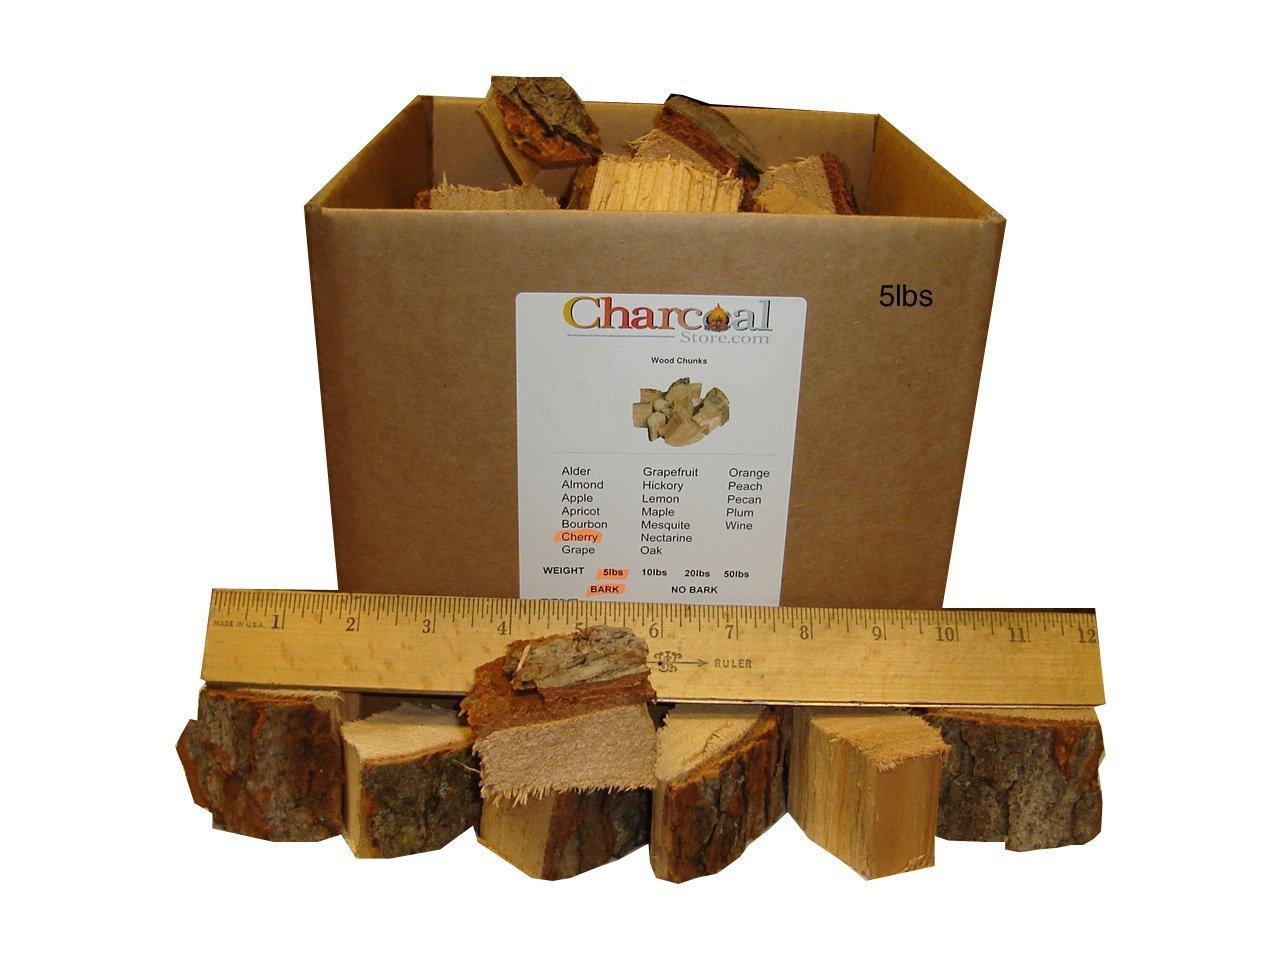 CharcoalStore Cherry Smoking Wood Chunks - Bark (10 Pounds)